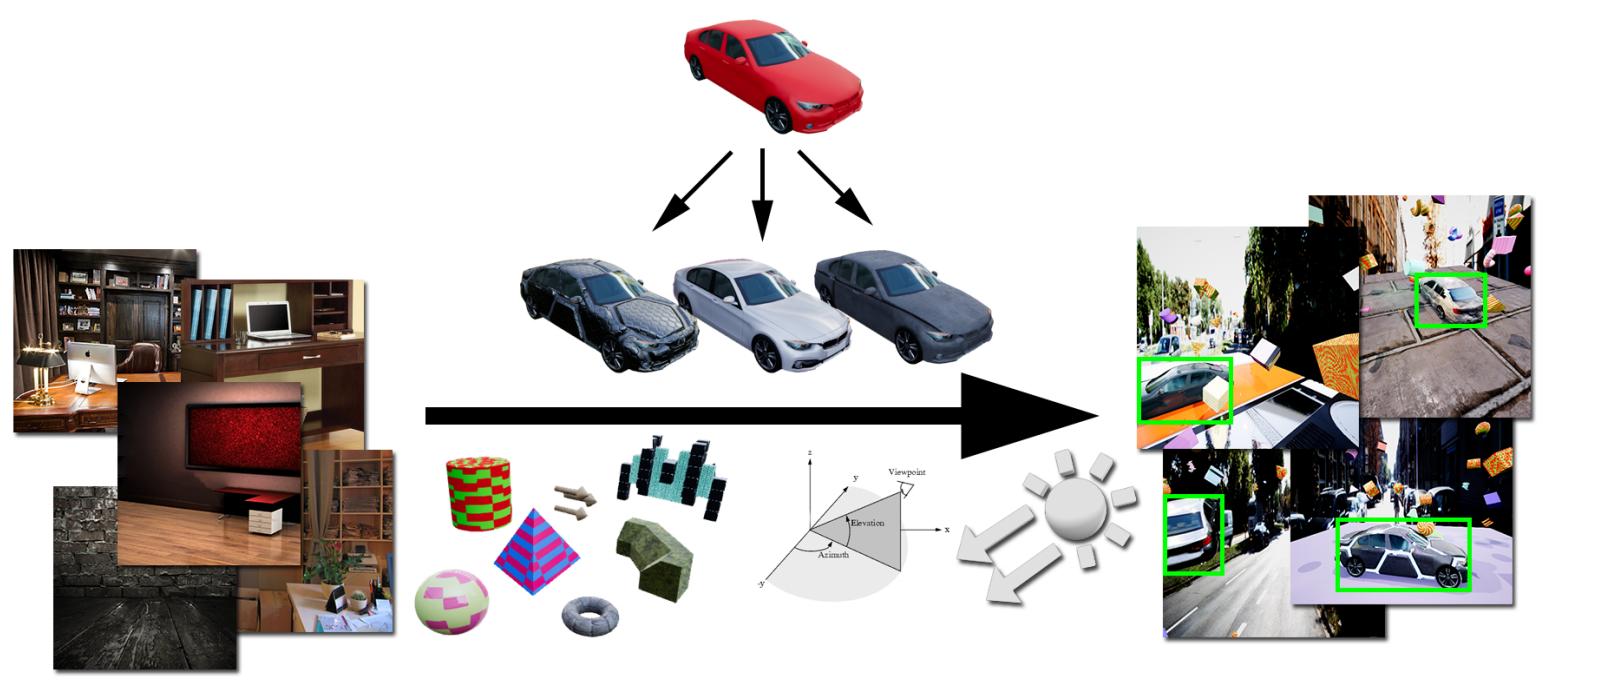 Вижу, значит существую: обзор Deep Learning в Computer Vision (часть 2) - 29